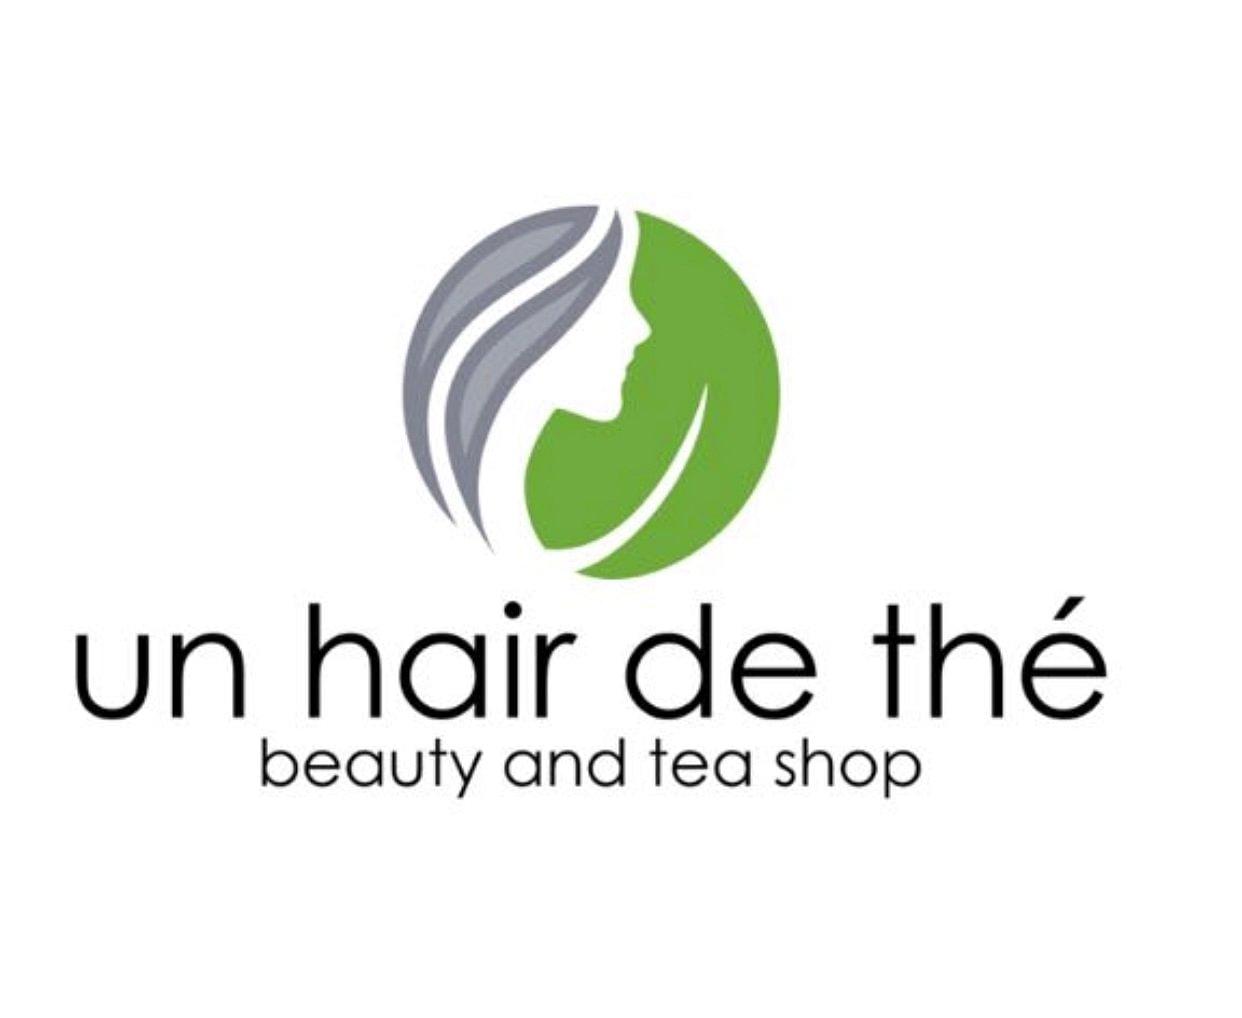 Un hair de thé